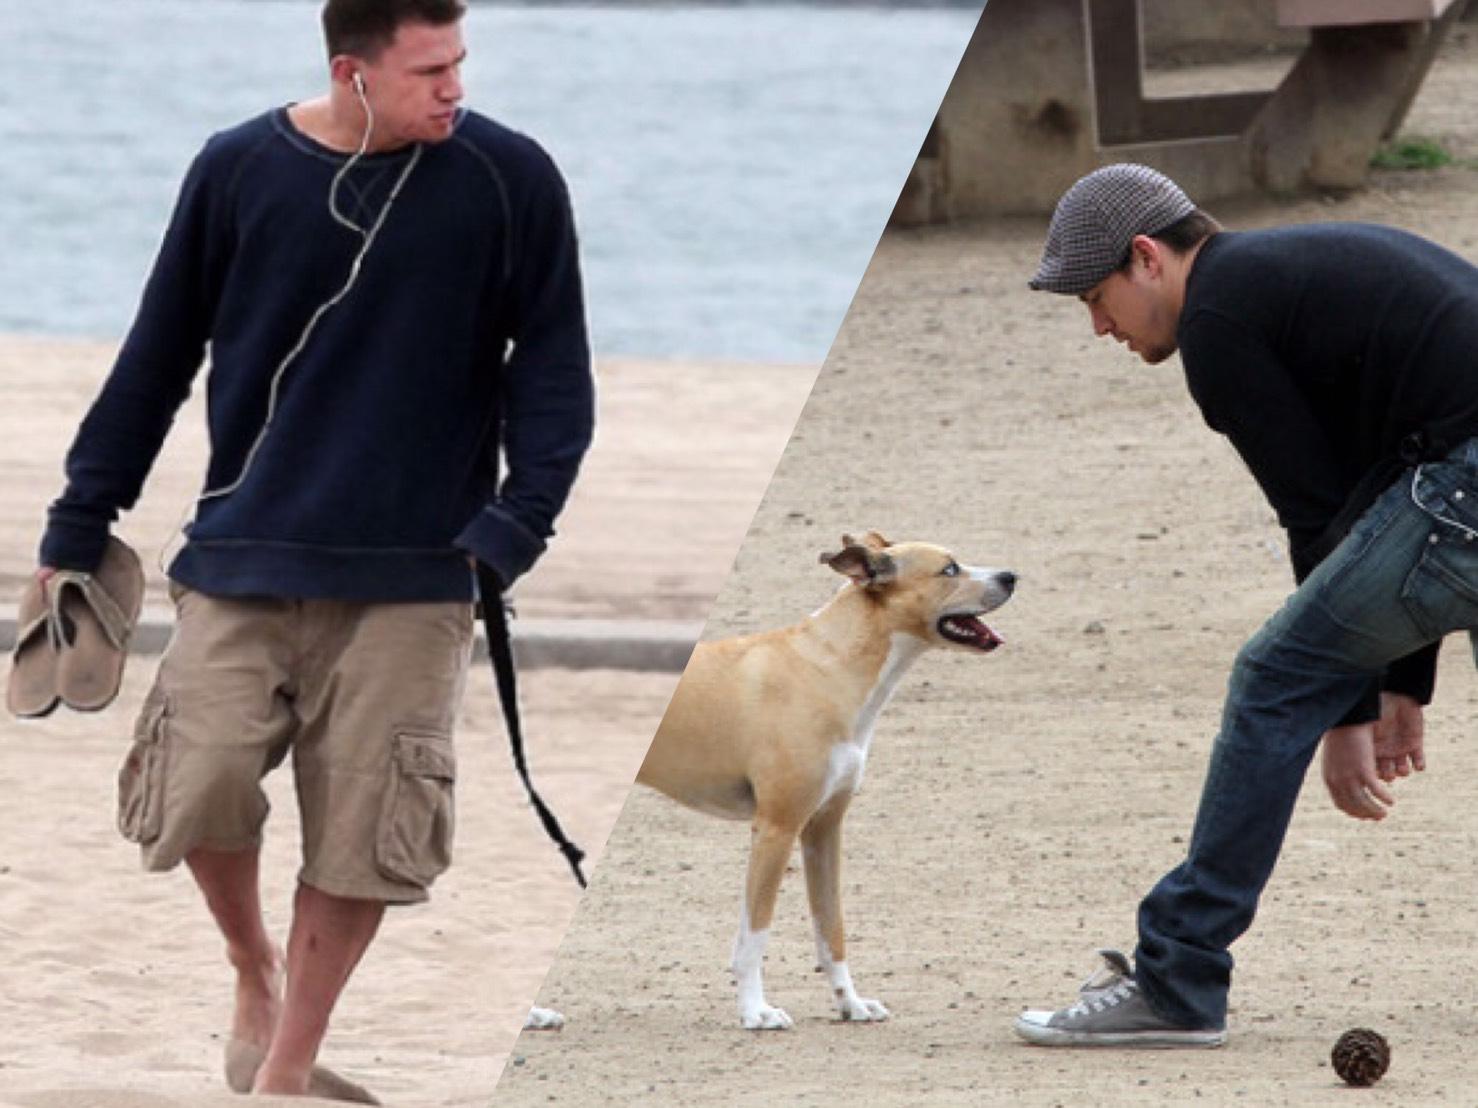 แชนนิ่ง เททัม ได้สุนัขตัวใหม่ จากการกำกับภาพยนตร์ เรื่องแรกที่ชื่อว่าด็อก